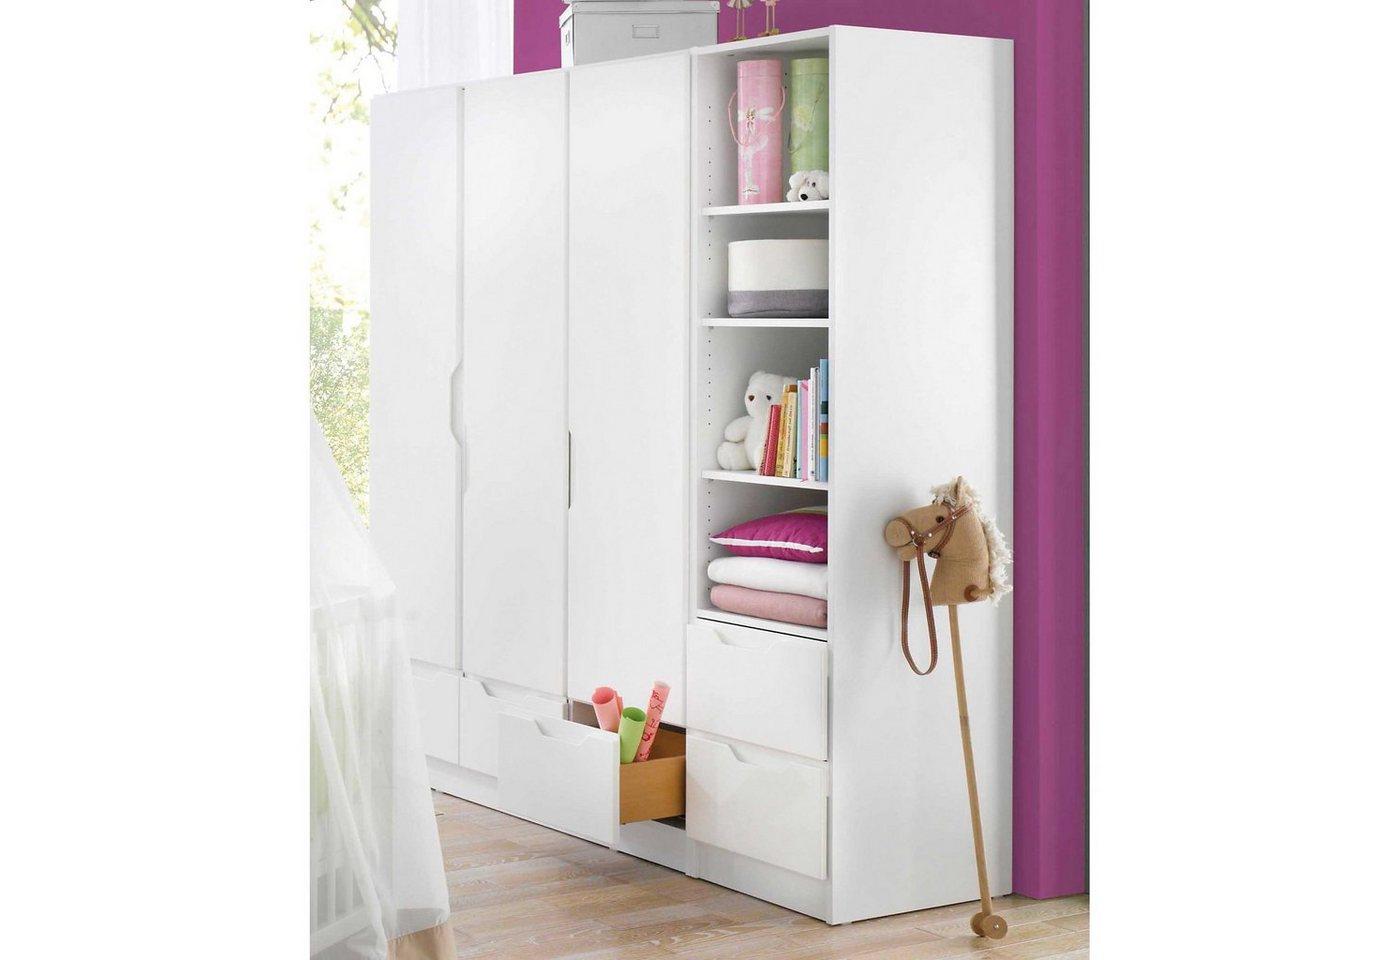 preiswerte kleiderschr nke geuther preisvergleiche erfahrungsberichte und kauf bei nextag. Black Bedroom Furniture Sets. Home Design Ideas